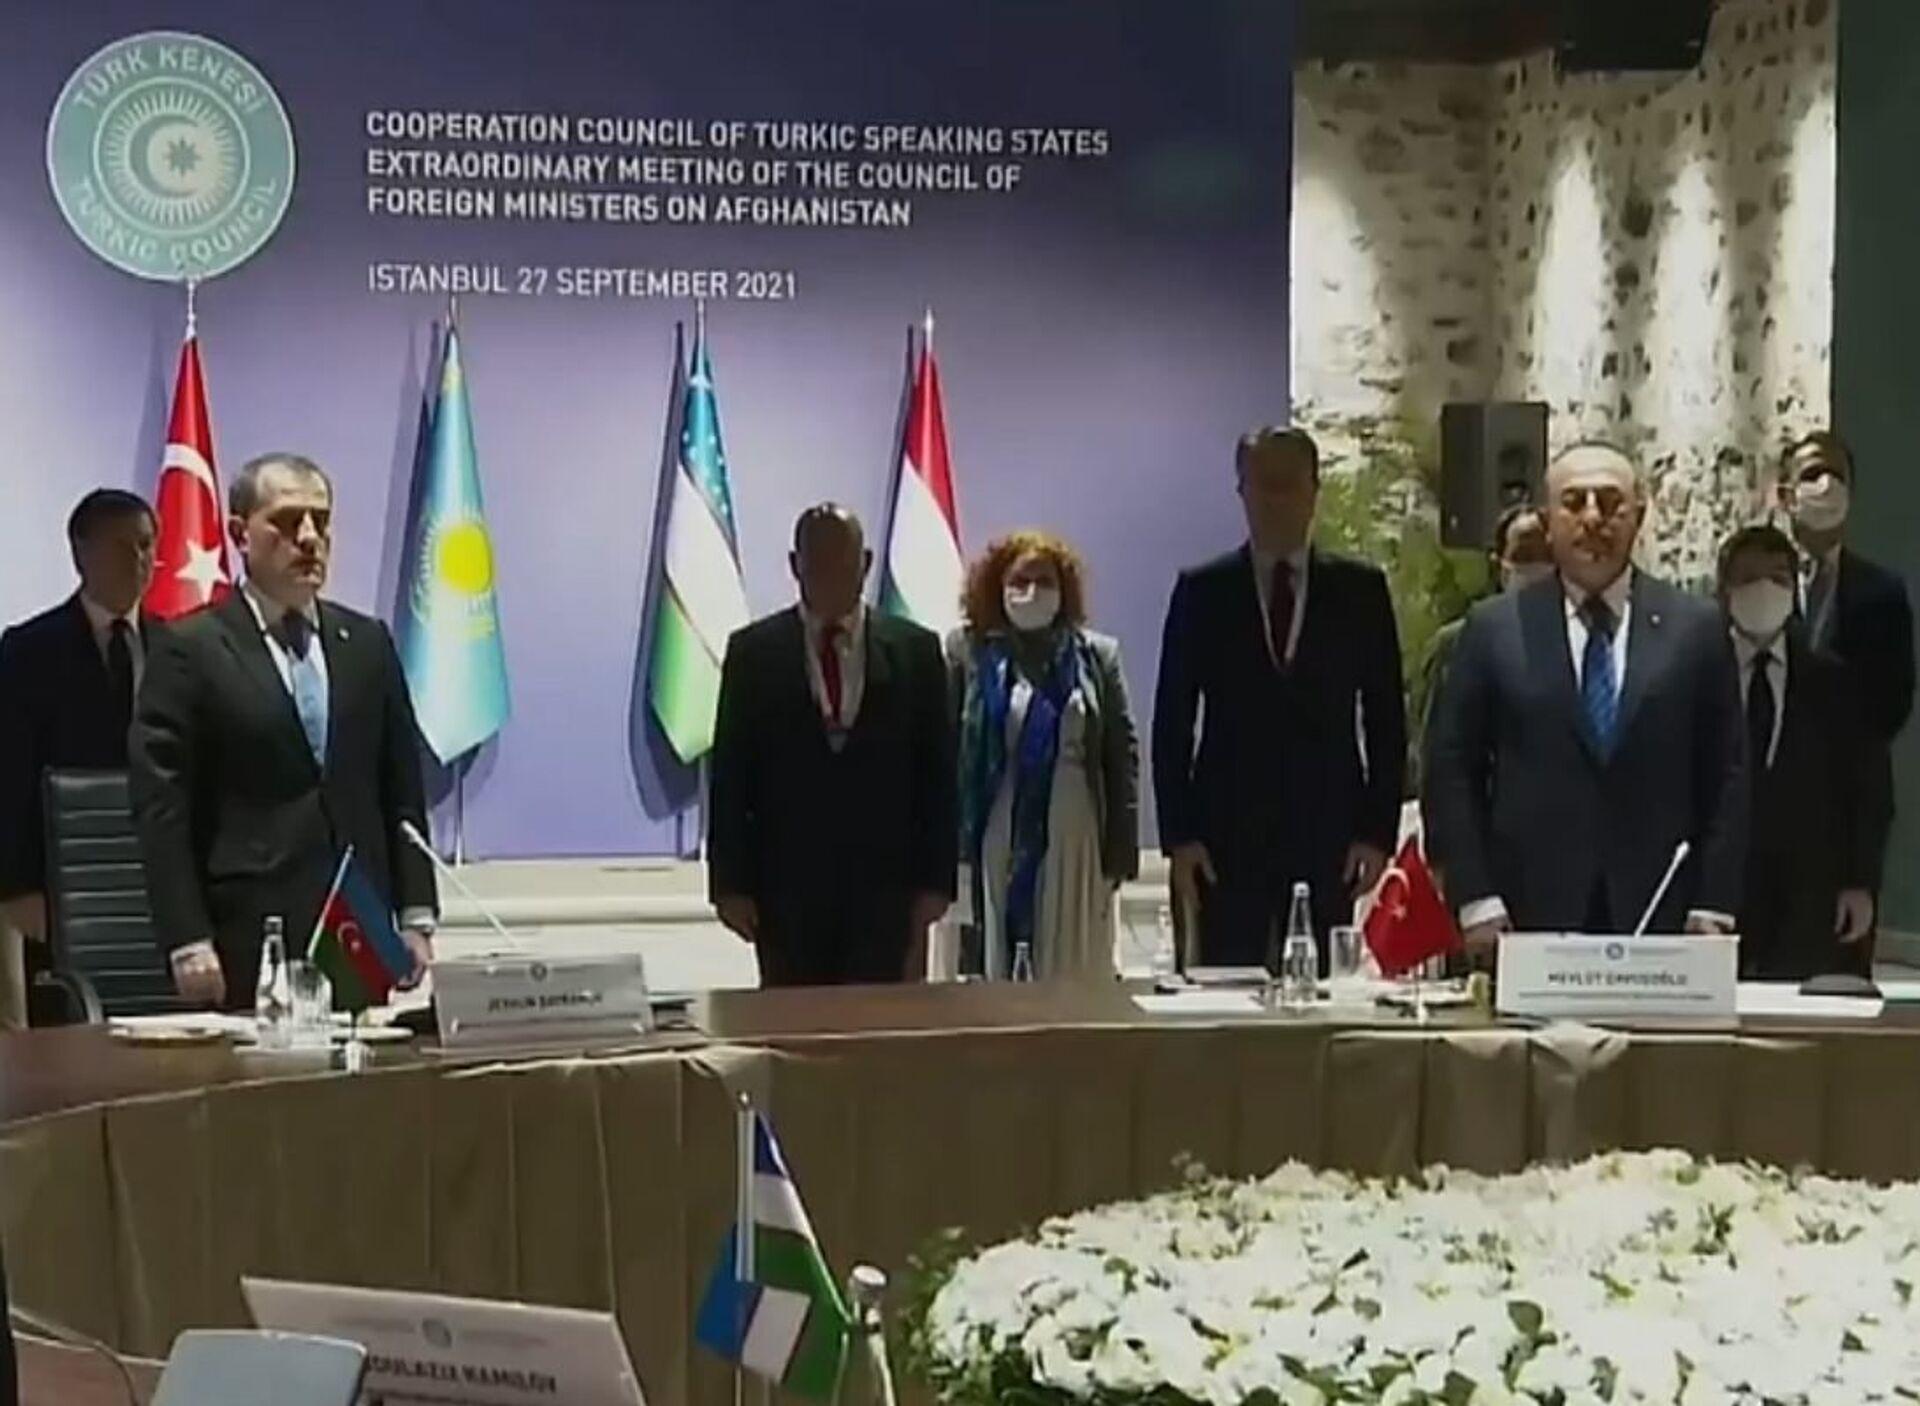 На заседании Тюркского совета почтили память павших в Отечественной войне - Sputnik Азербайджан, 1920, 01.10.2021